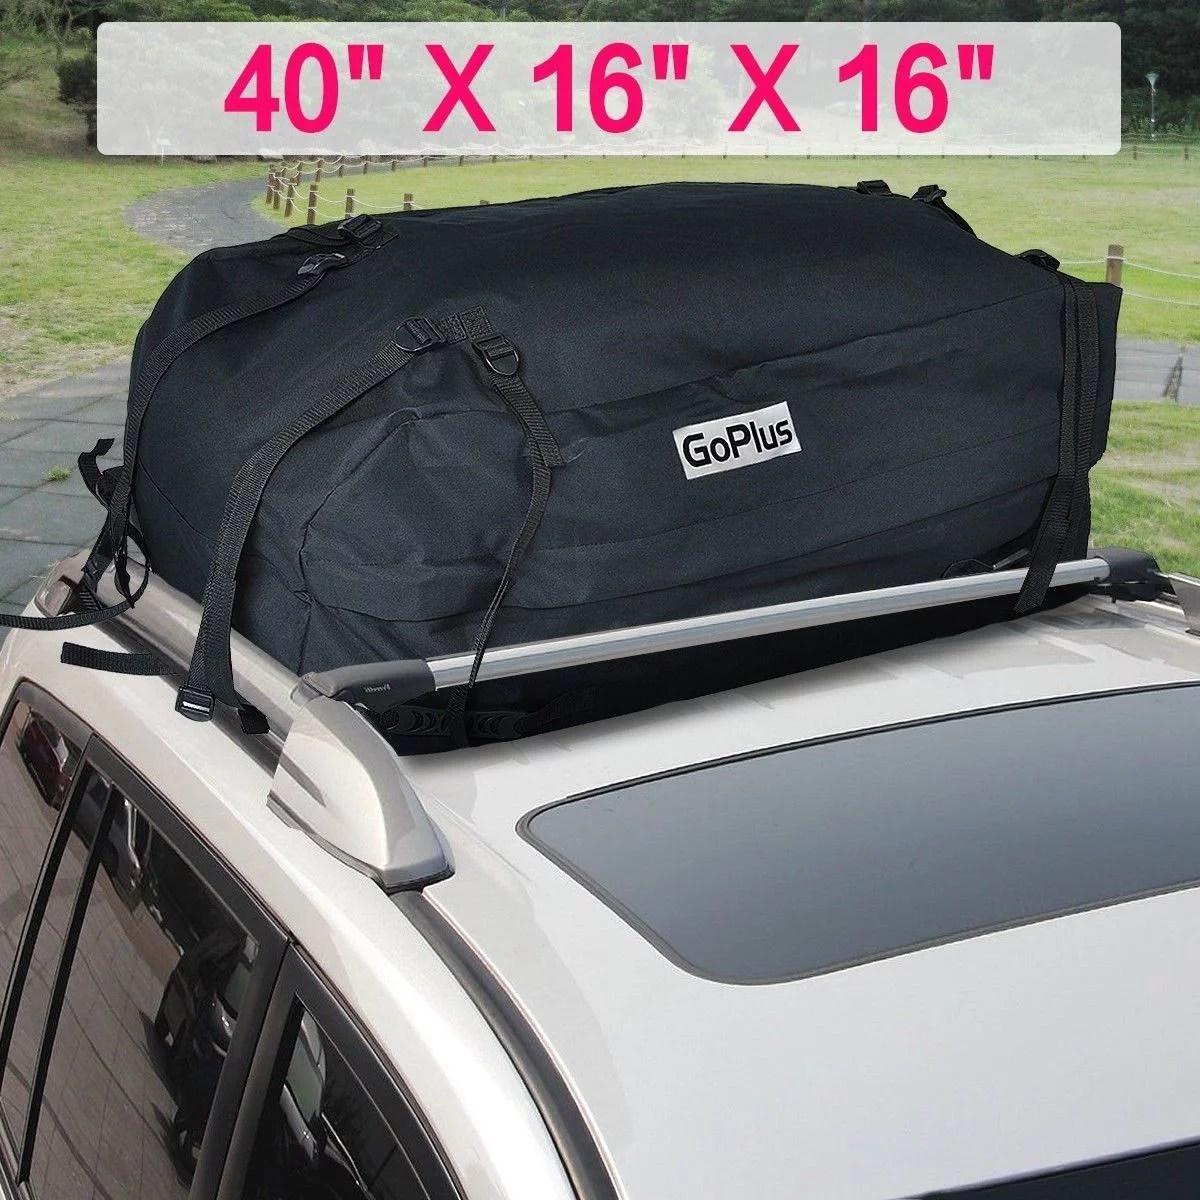 roof top car van suv waterproof luggage travel cargo rack storage bag carrier